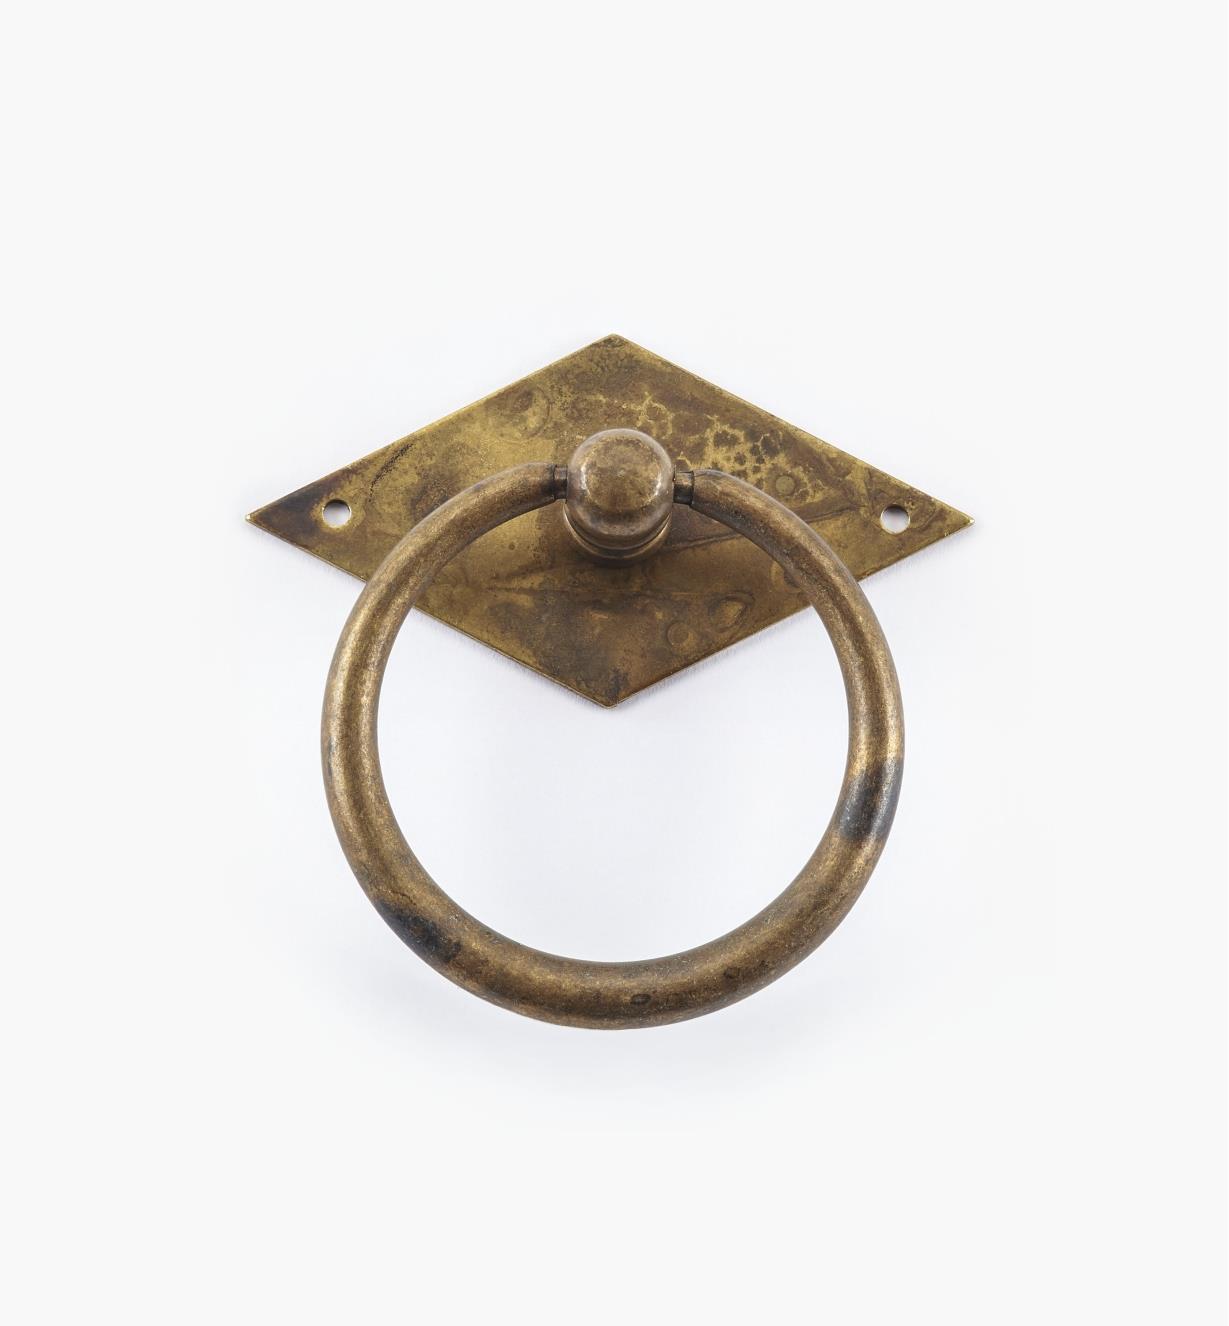 01A6304 - Poignée à anneau fuselé sur platine losange, 65 mm x 64 mm